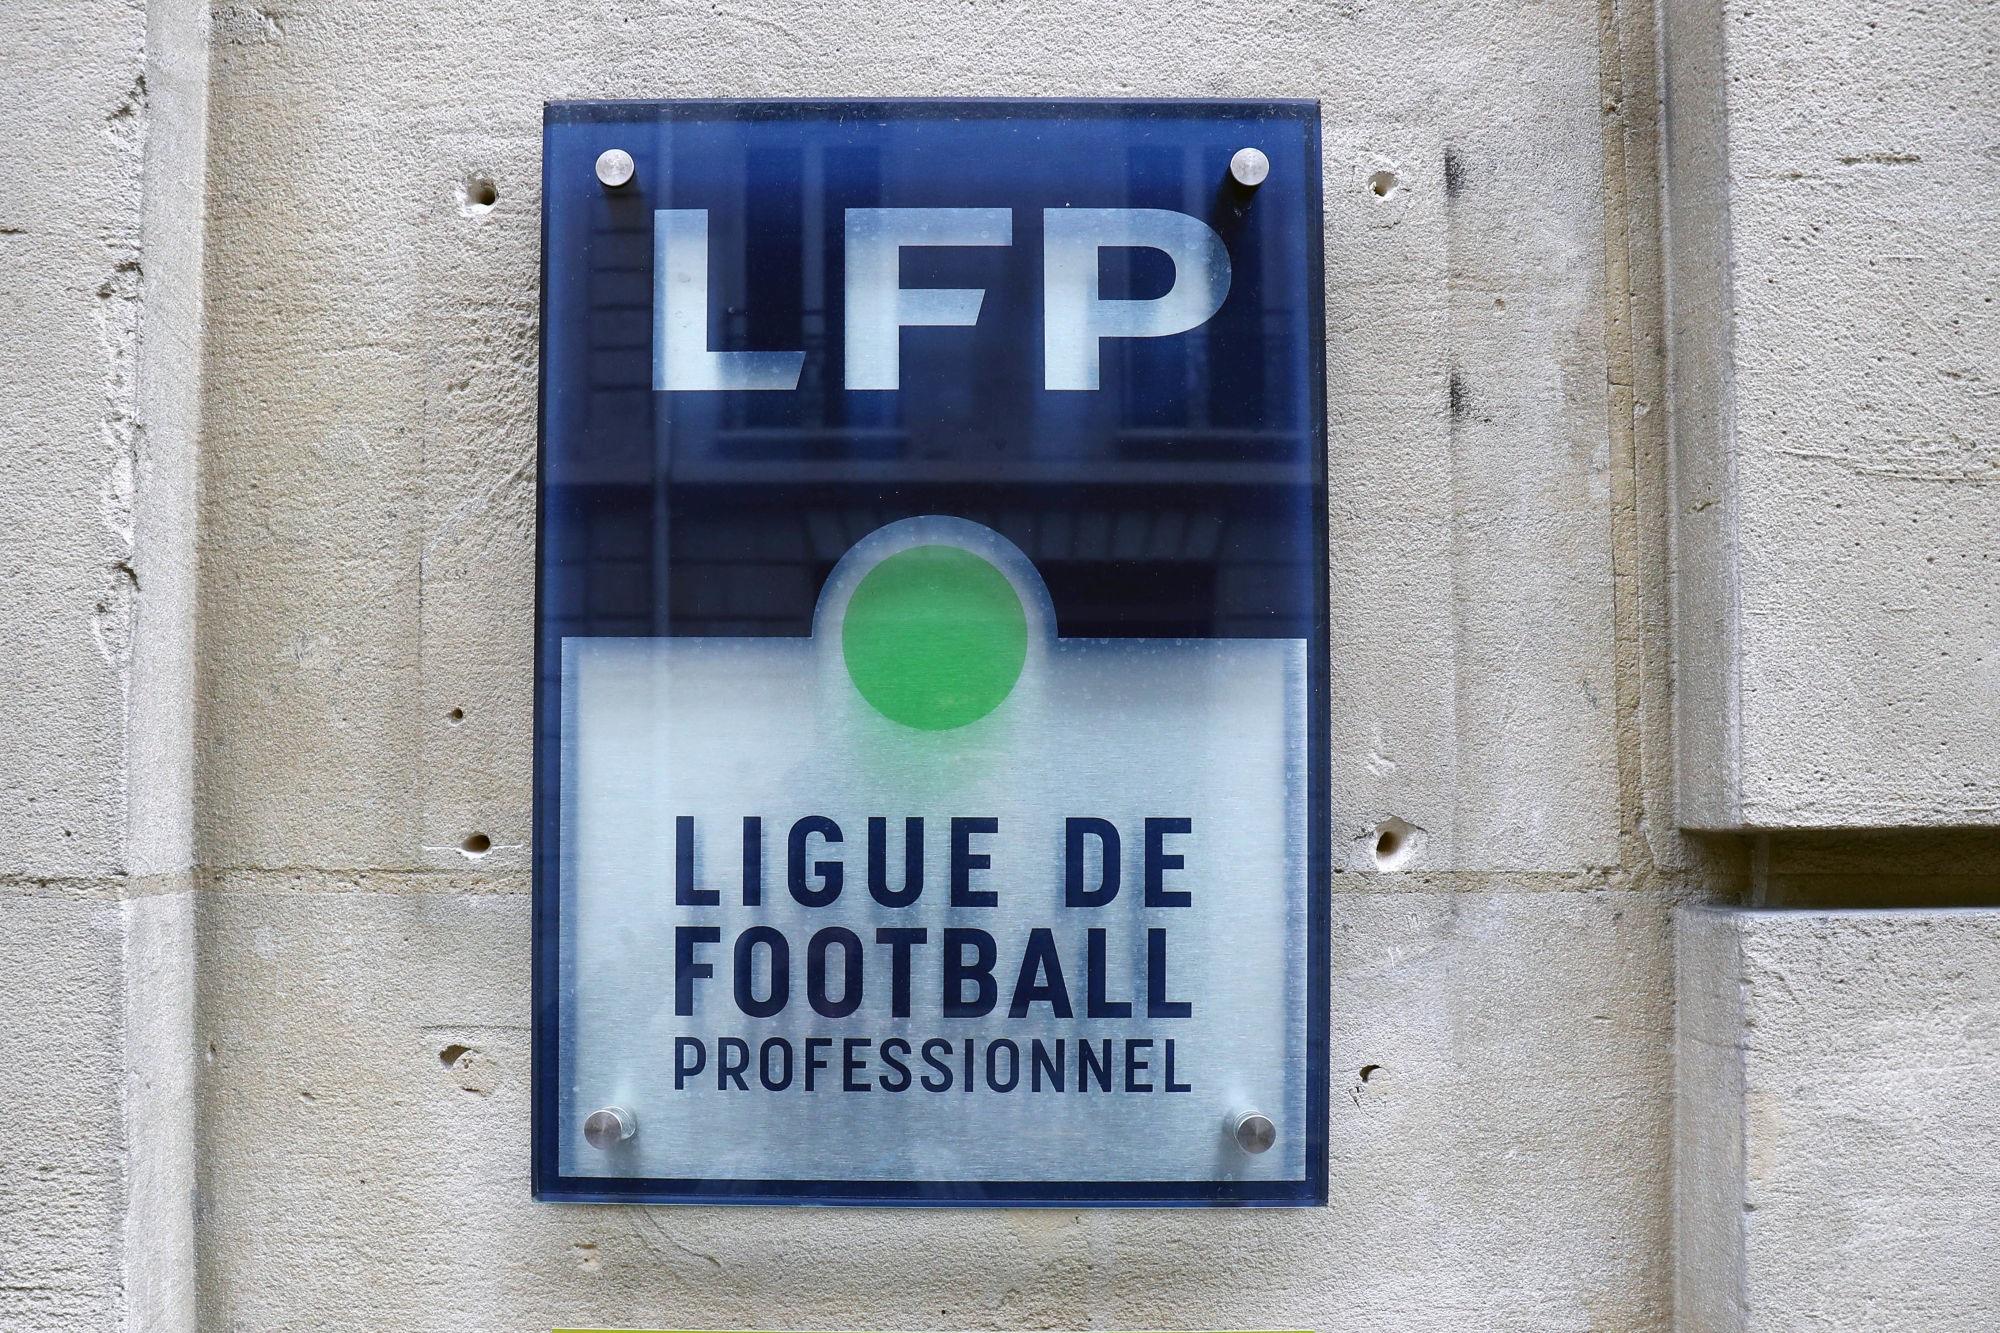 """Le football professionnel """"continuera"""" malgré les mesures sanitaires, suspense pour l'amateur"""